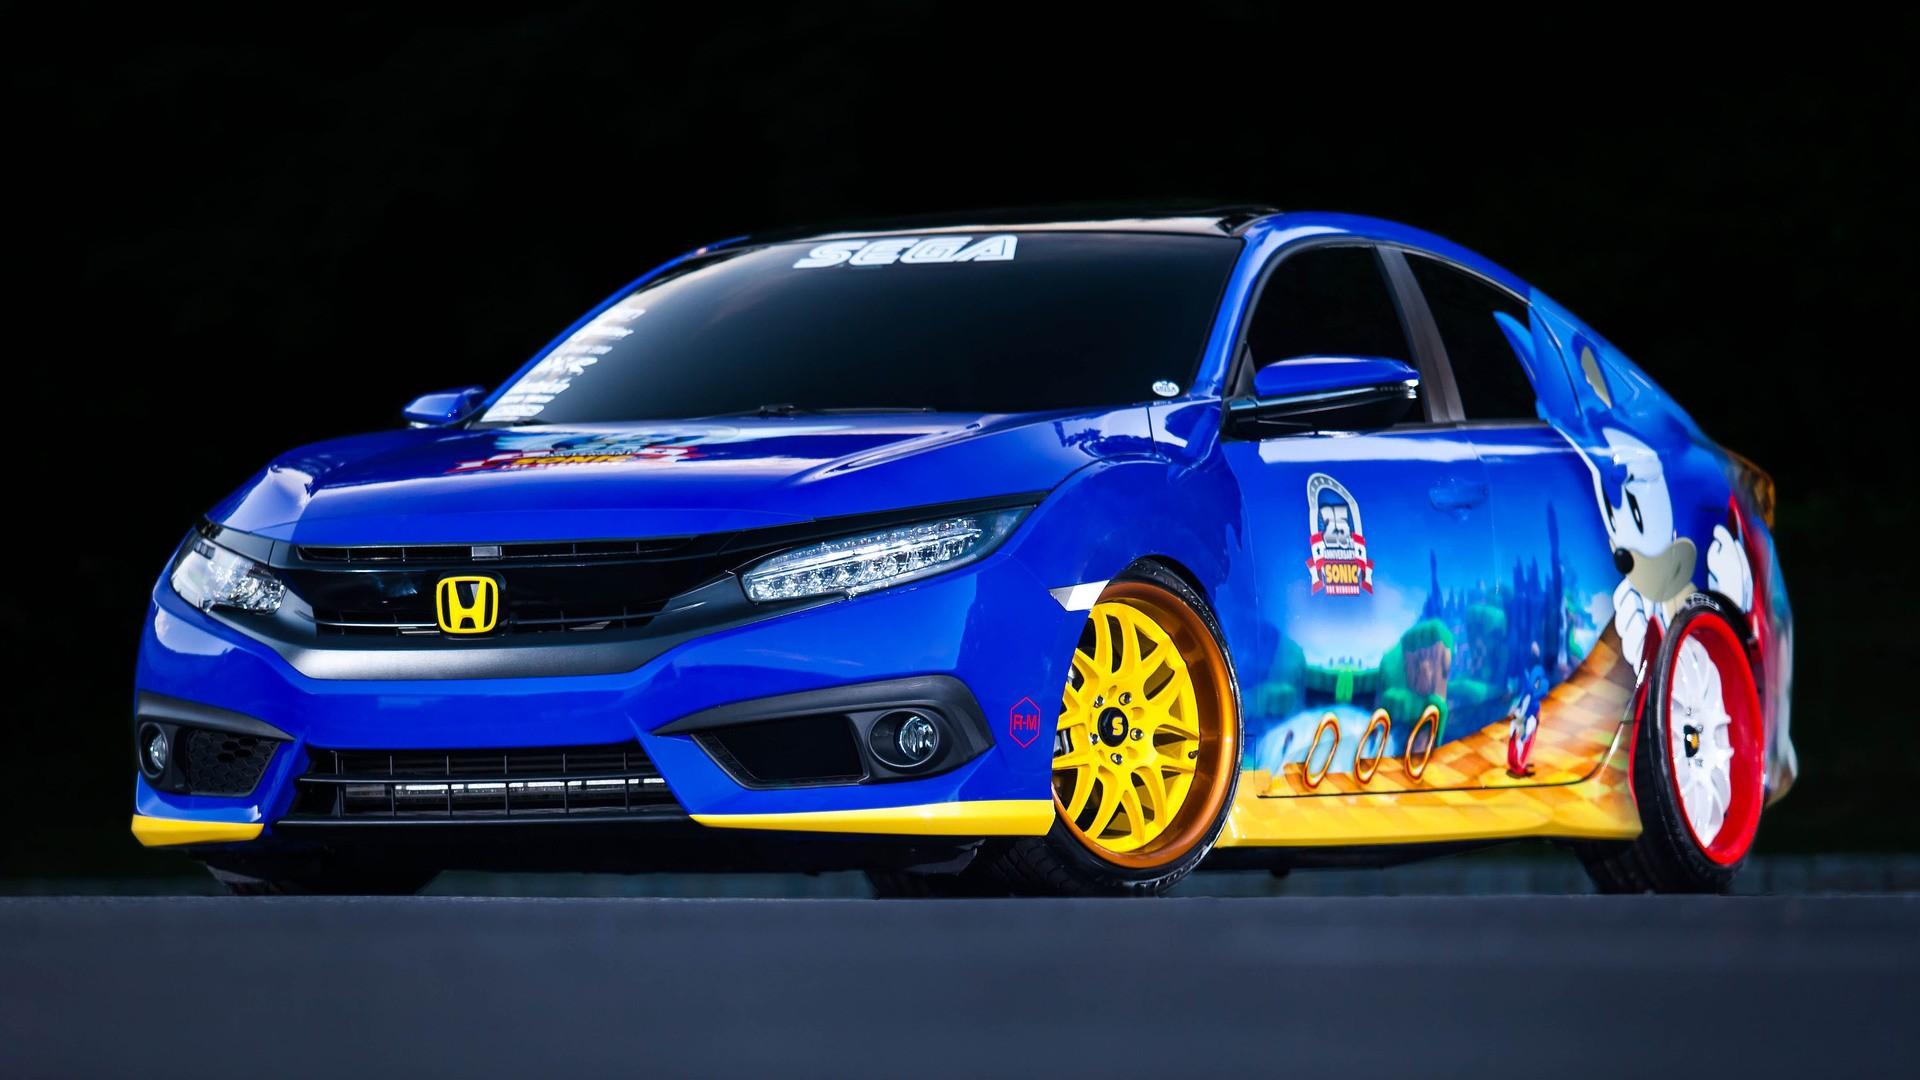 2015 Honda Civic Si Turbo >> Sonic the Hedgehog Gets Unique Honda Civic as 25th ...